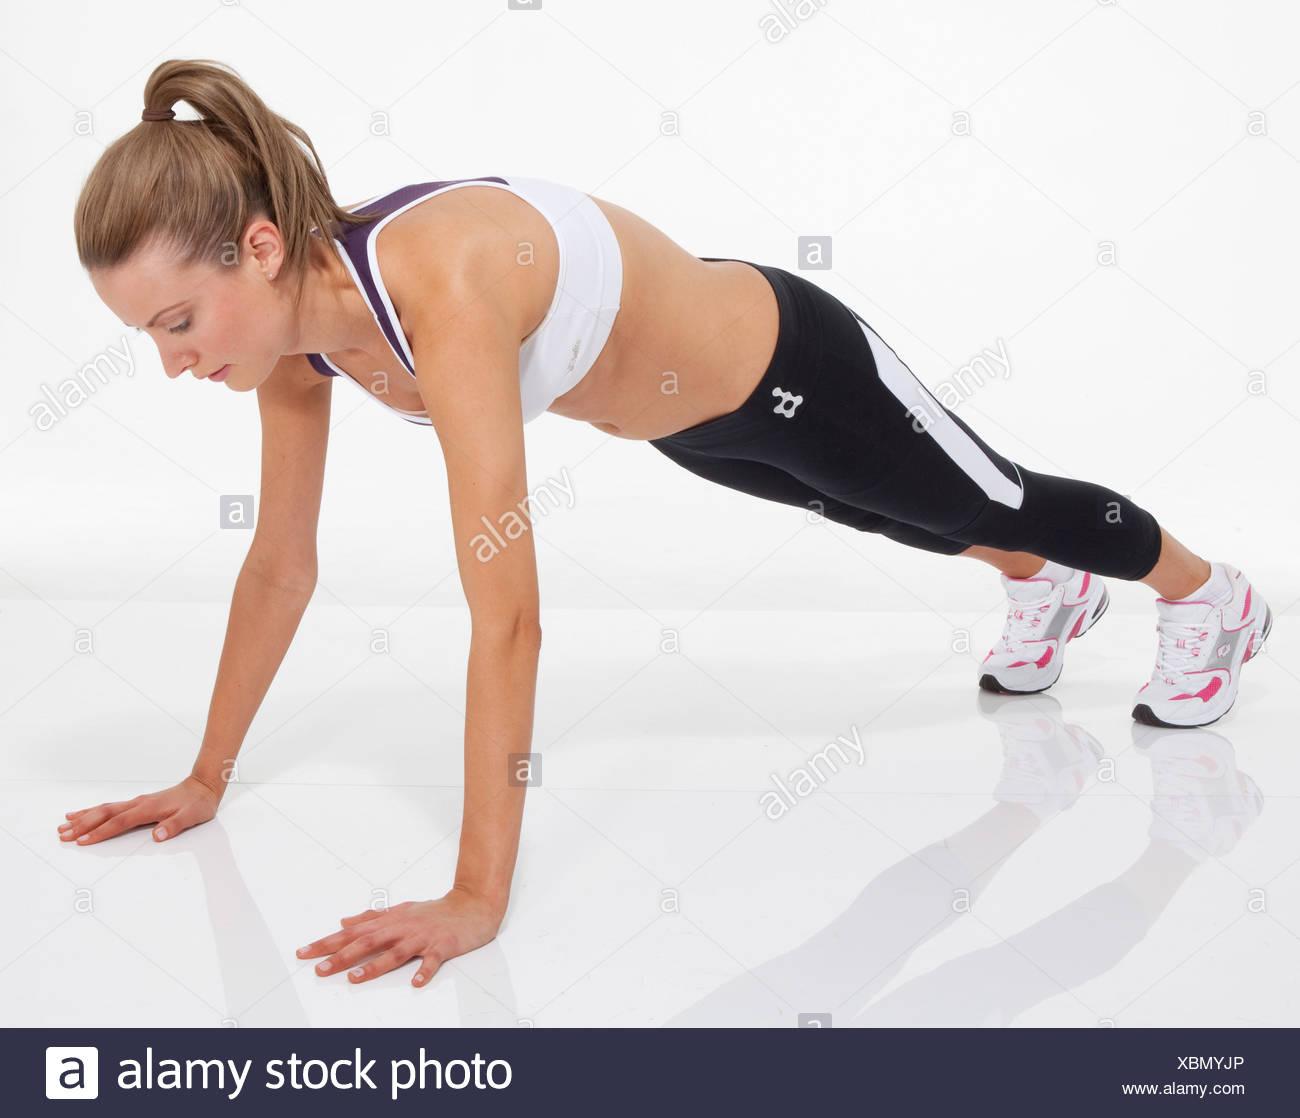 Oberkörper trainieren weibliche blondes Haar gebunden zu Pferdeschwanz tragen eine kurze Weste, schwarze Leggings und Trainer, Durchführung einer Stockbild